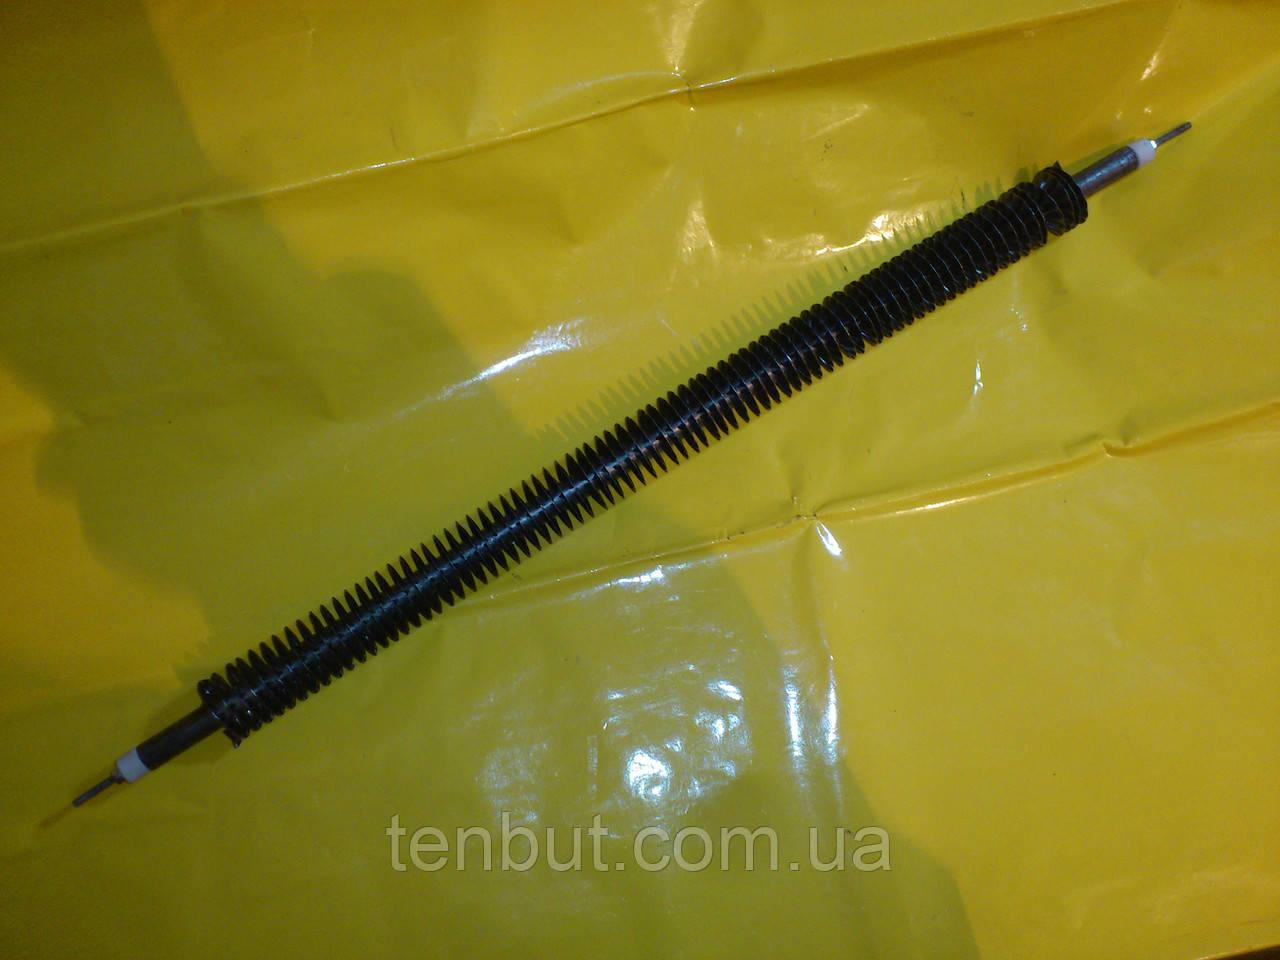 Тэн воздушный оребрённый прямой Ф-13 мм./ L-60 см./ 2.5 кВт. чёрный металл